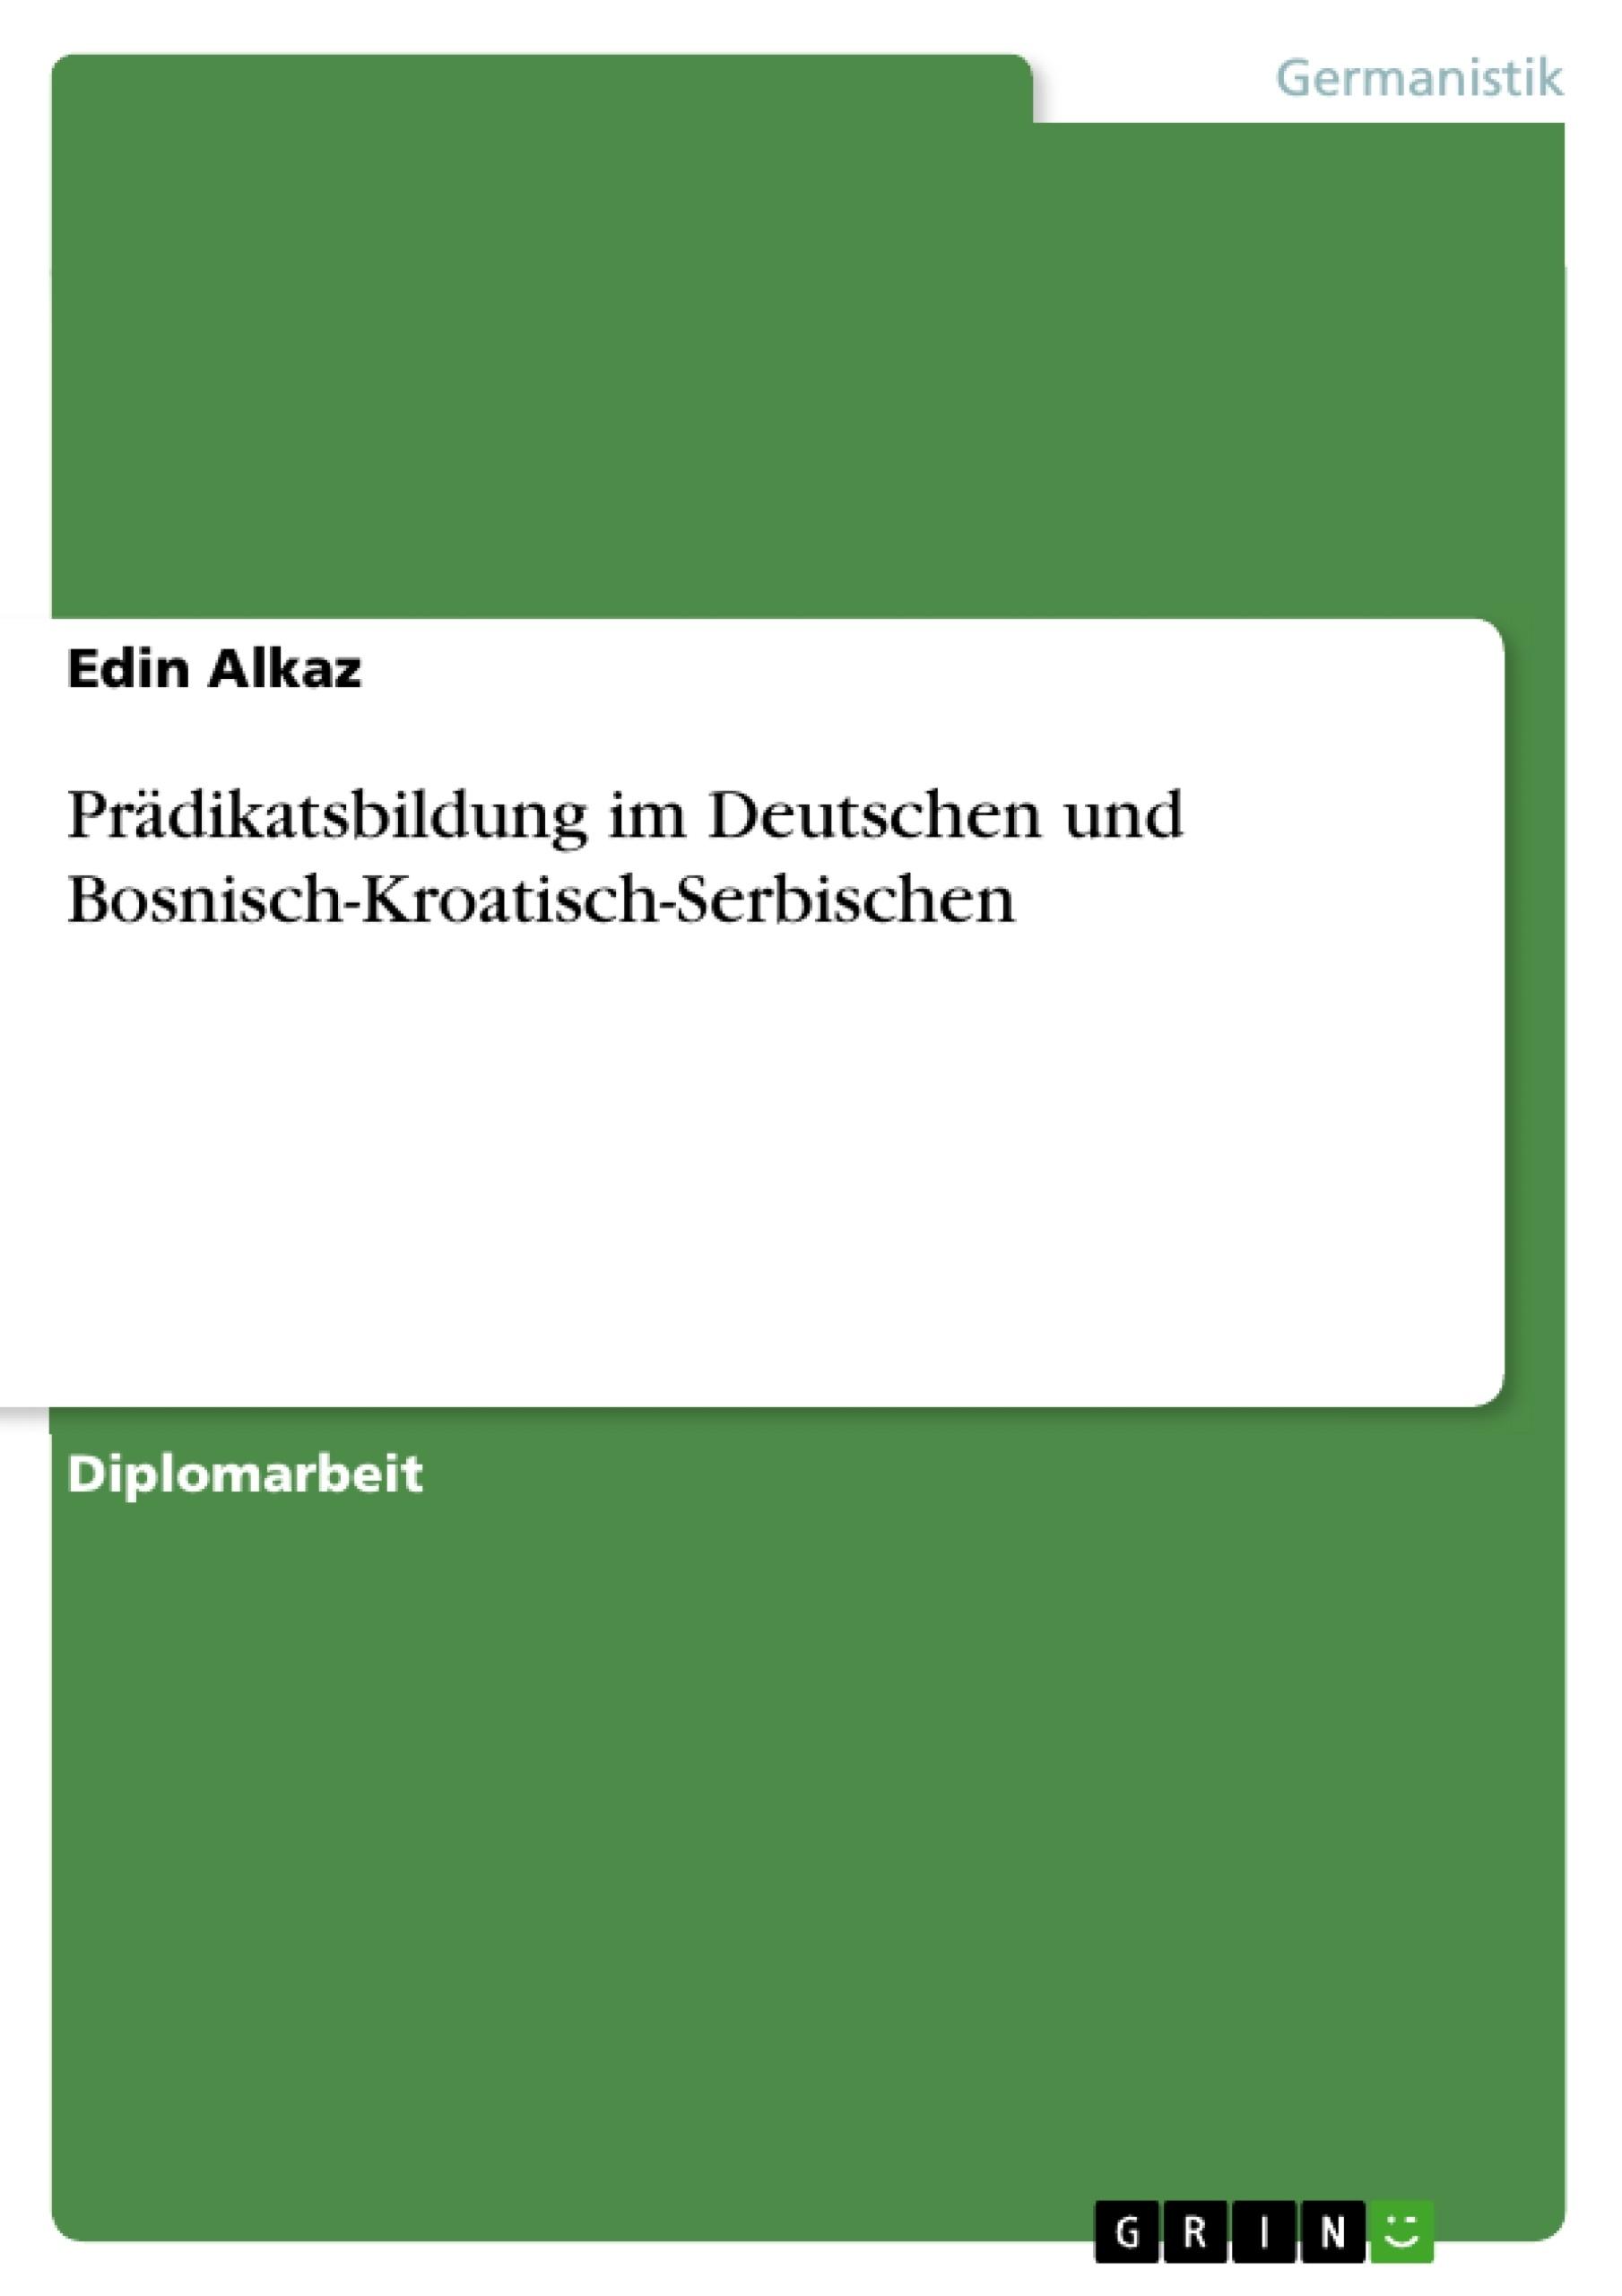 Titel: Prädikatsbildung im Deutschen und Bosnisch-Kroatisch-Serbischen